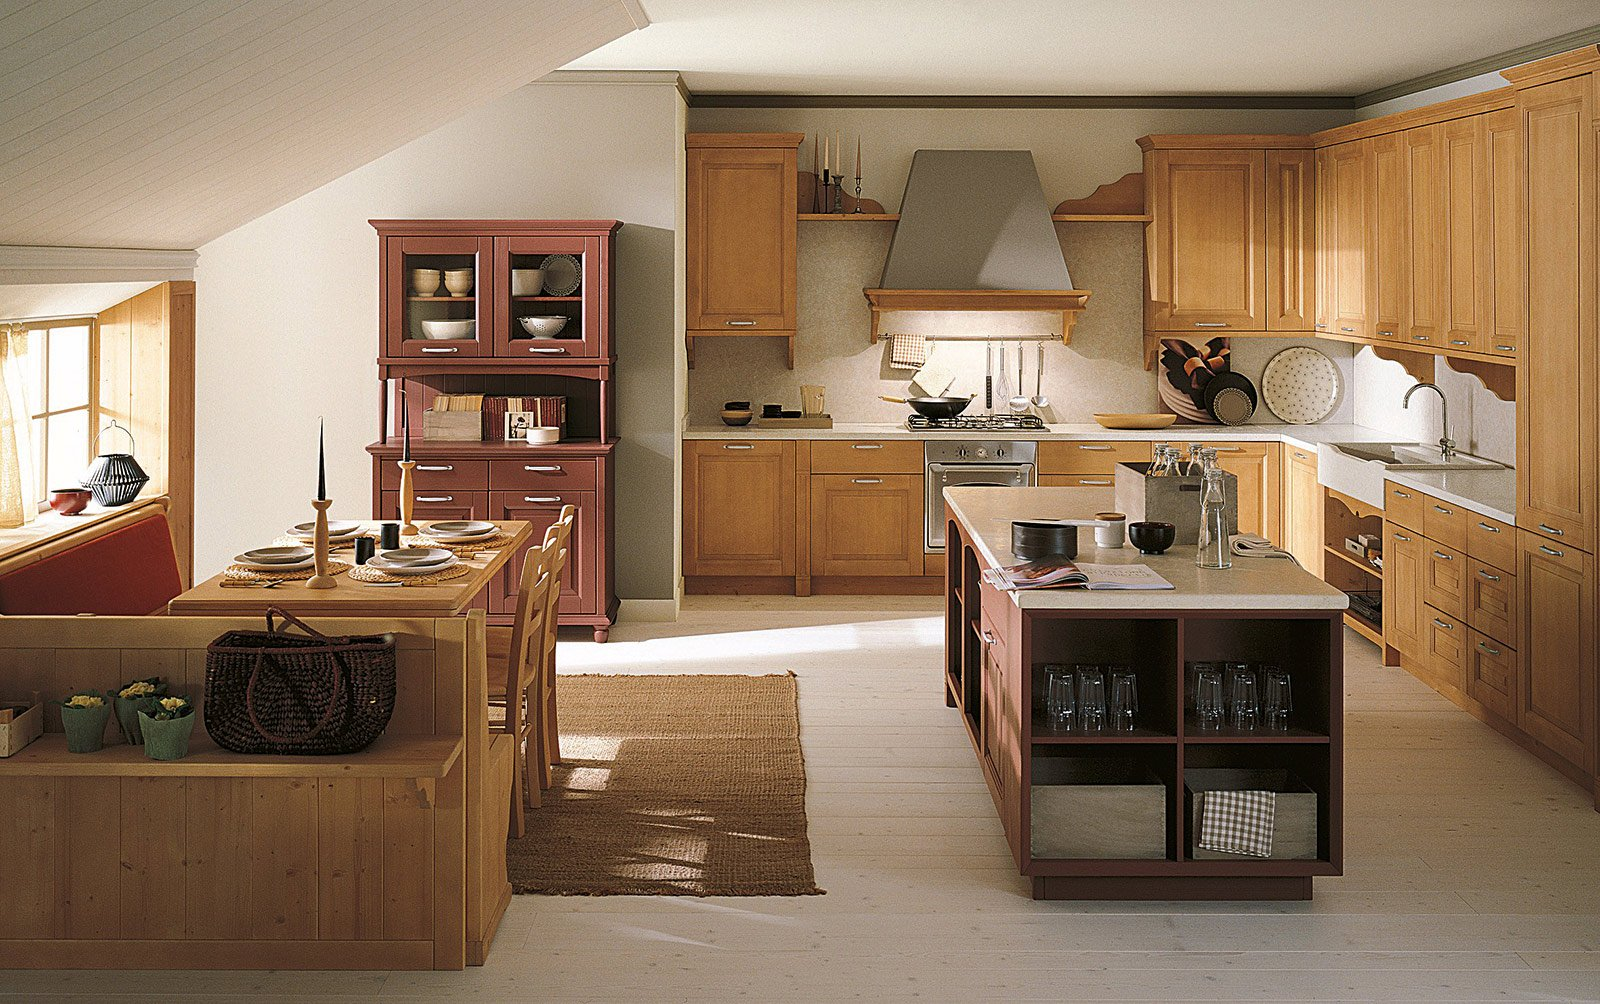 Cucine country stile tradizionale o new classic cose di for Sala cucine